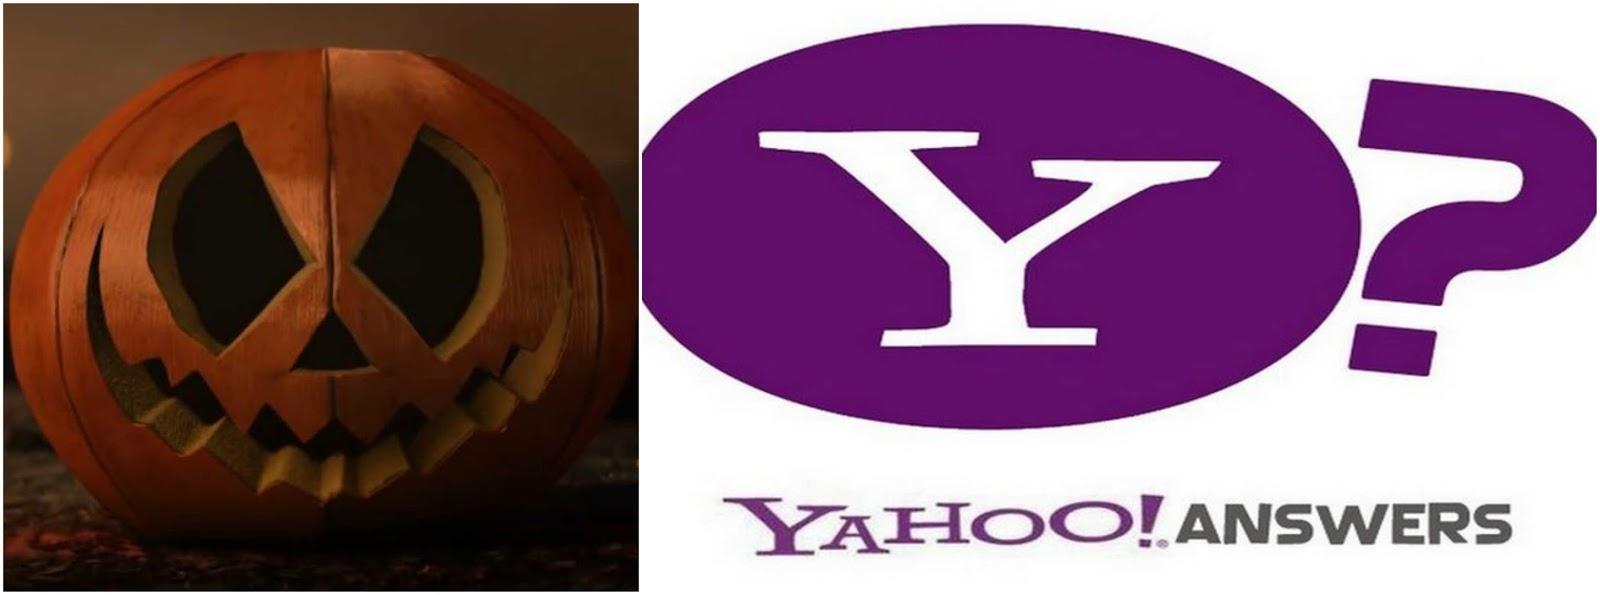 Incontri un modello di Yahoo risposte